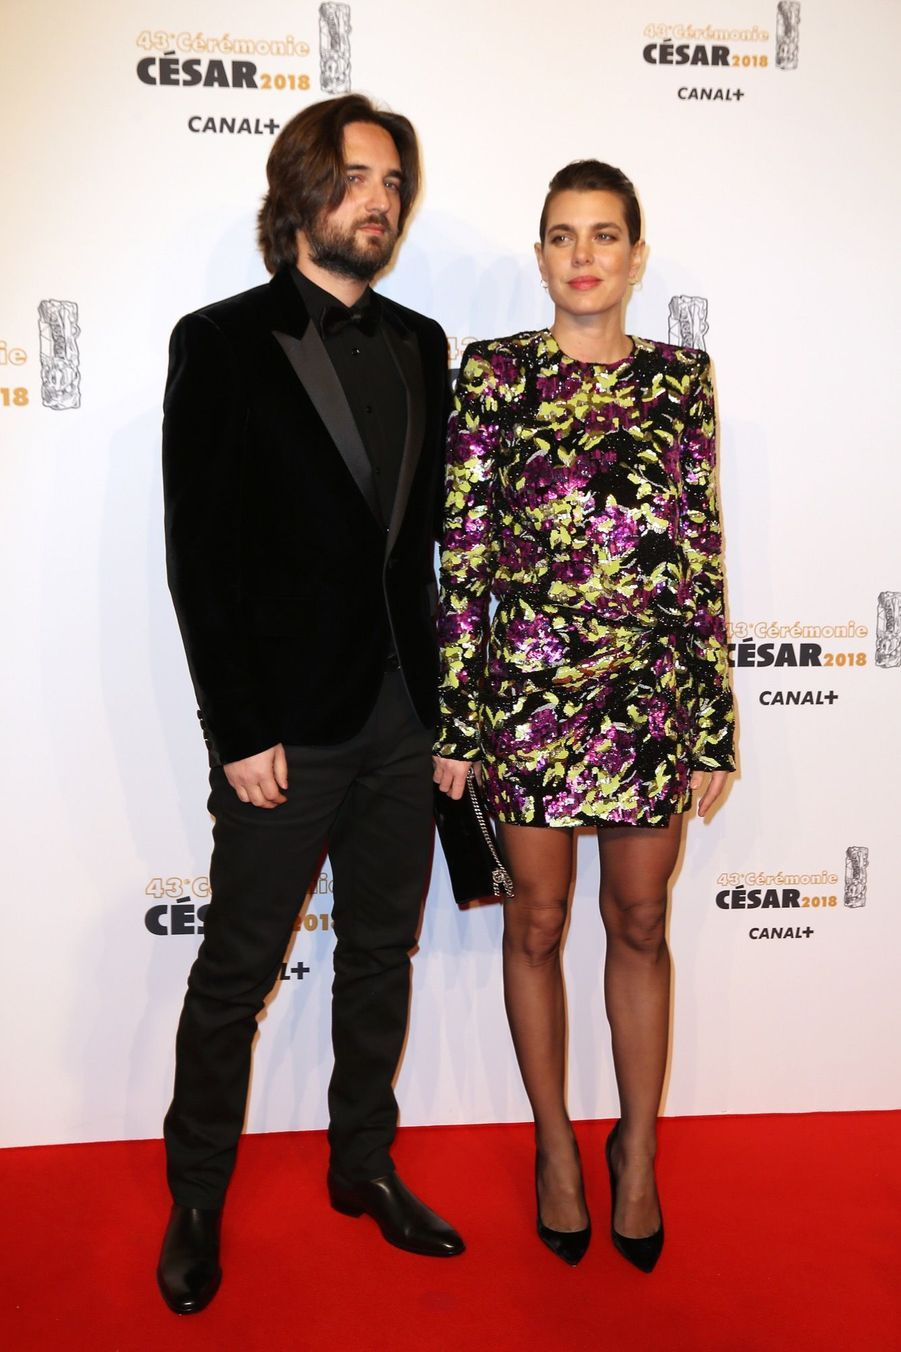 Charlotte Casiraghi Et Dimitri Rassam, En Amoureux Aux César 2018 1